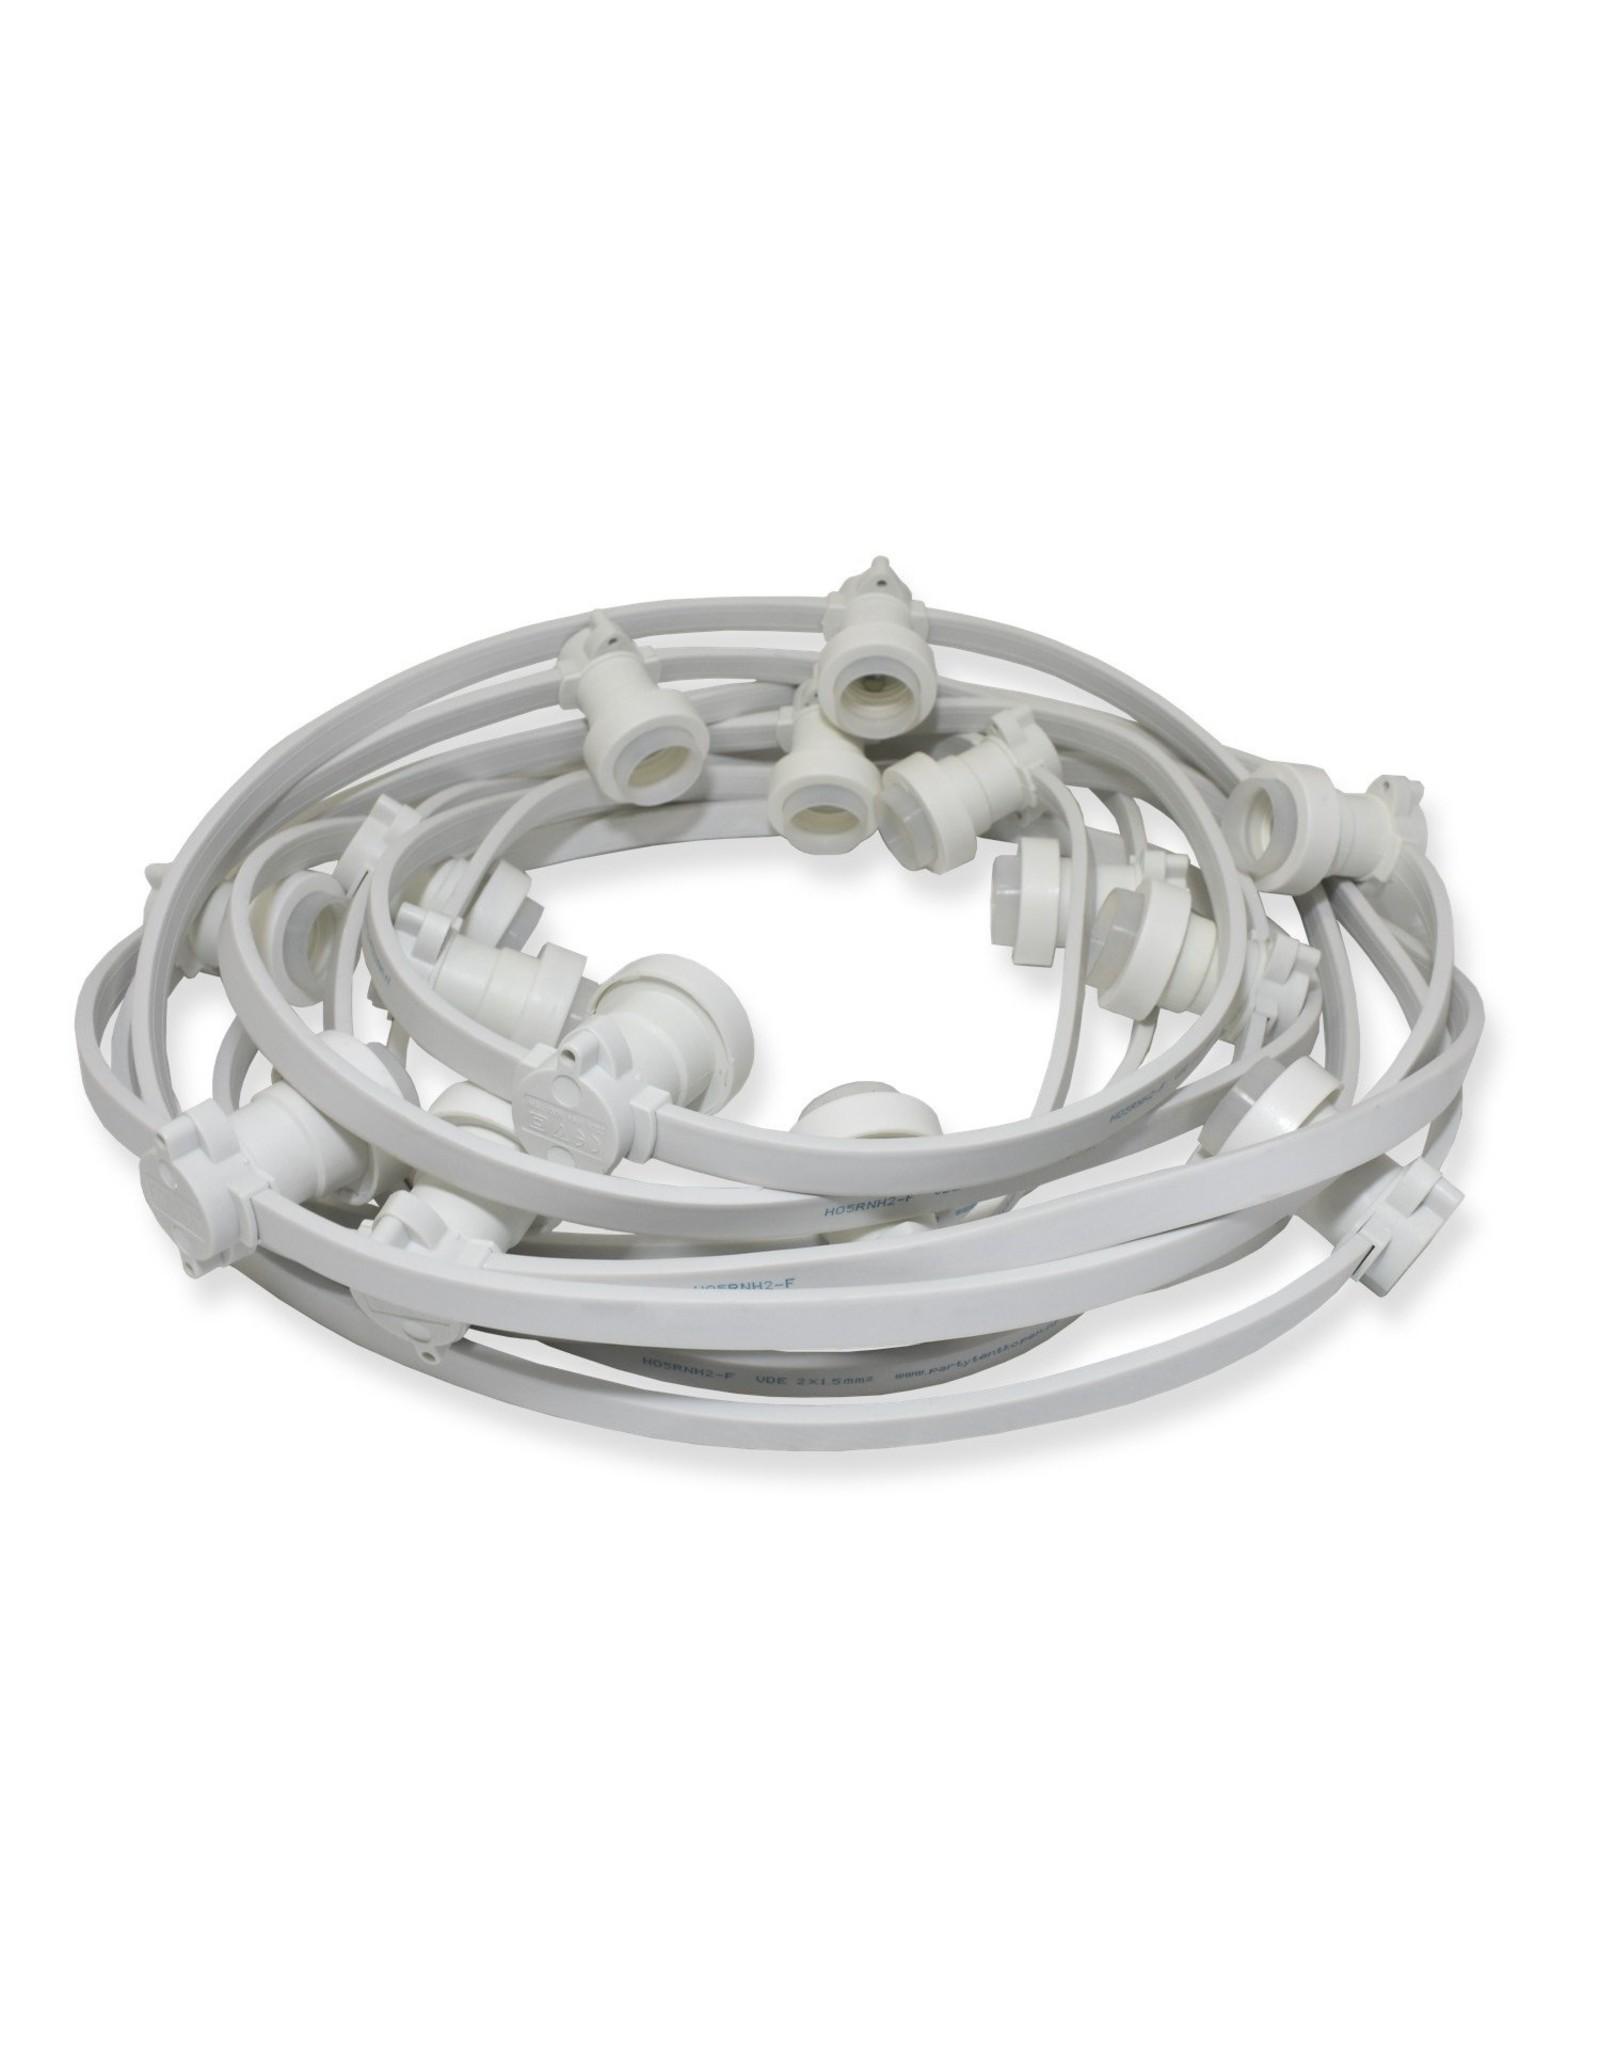 Lights guirlande Lichtslinger outdoor, 10m met 20 fittingen, witte kabel + startkabel